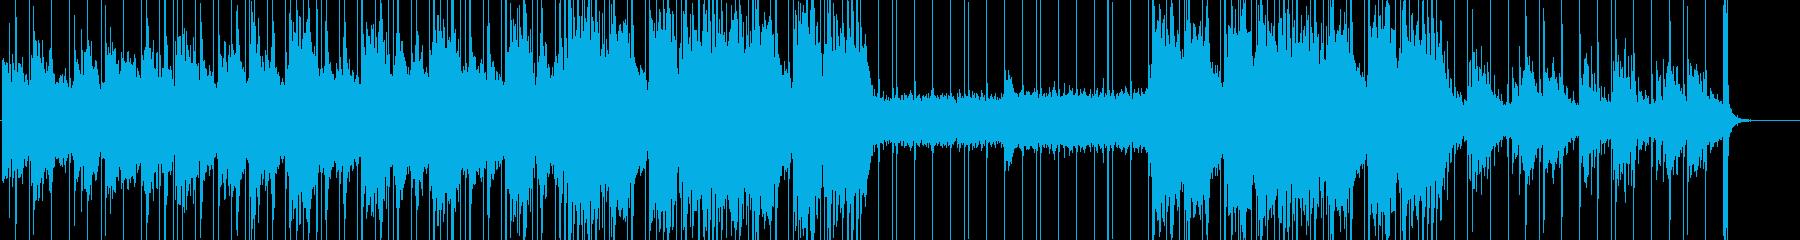 神秘的なオリエンタルミュージックの再生済みの波形